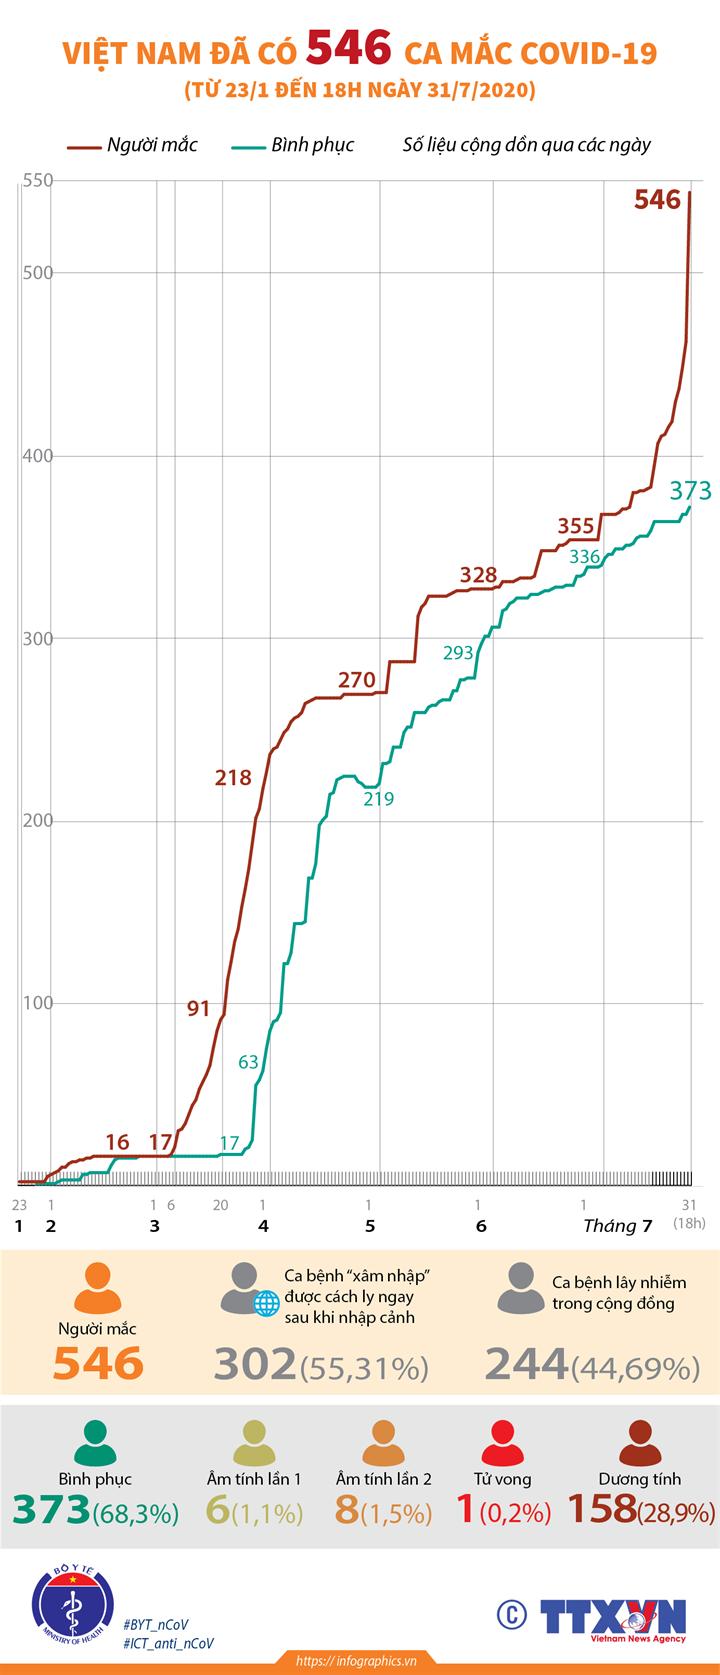 Việt Nam đã có 546 ca mắc COVID-19 (từ 23/1 đến 18h ngày 31/7/2020)